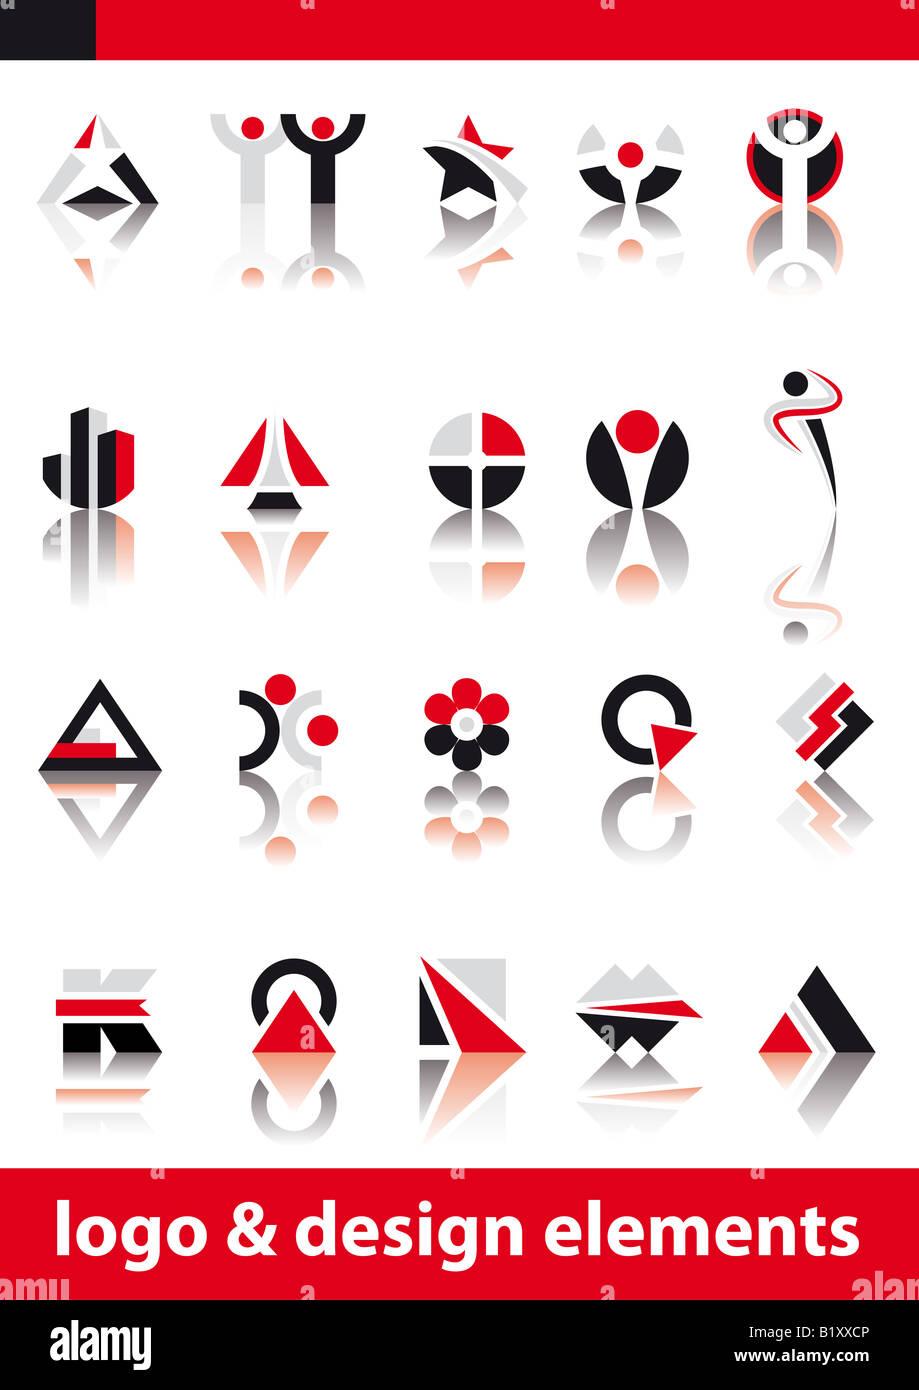 Abstract illustrazione vettoriale del logo ed elementi di design Immagini Stock